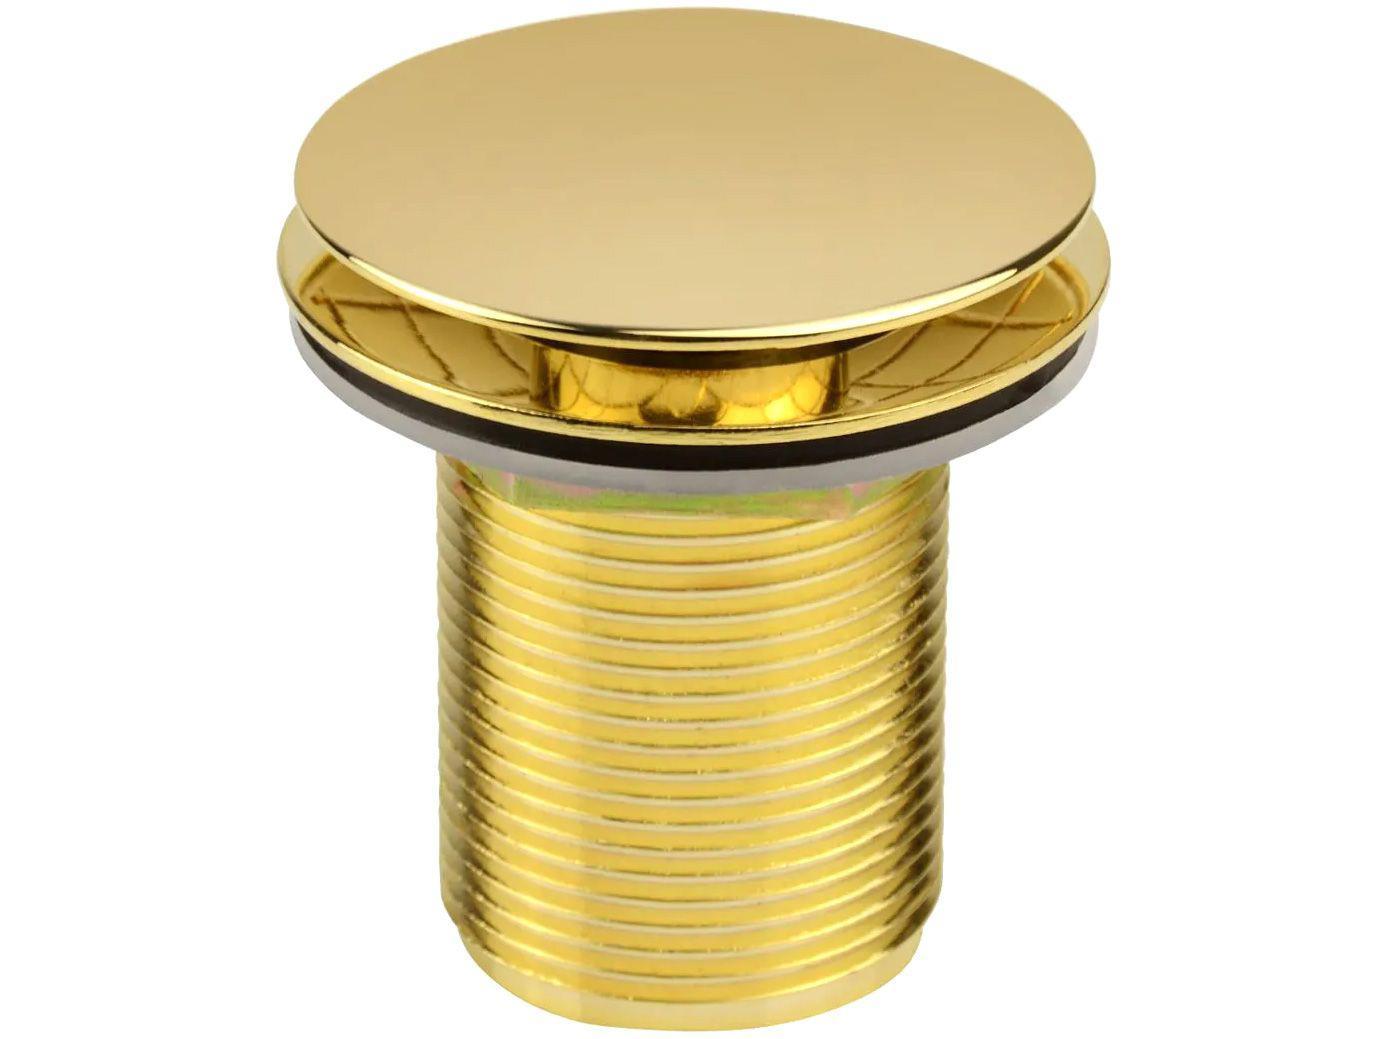 """Válvula para Lavatório Ducon Metais - Longa com Click 1.1/4"""" Gold 1605"""